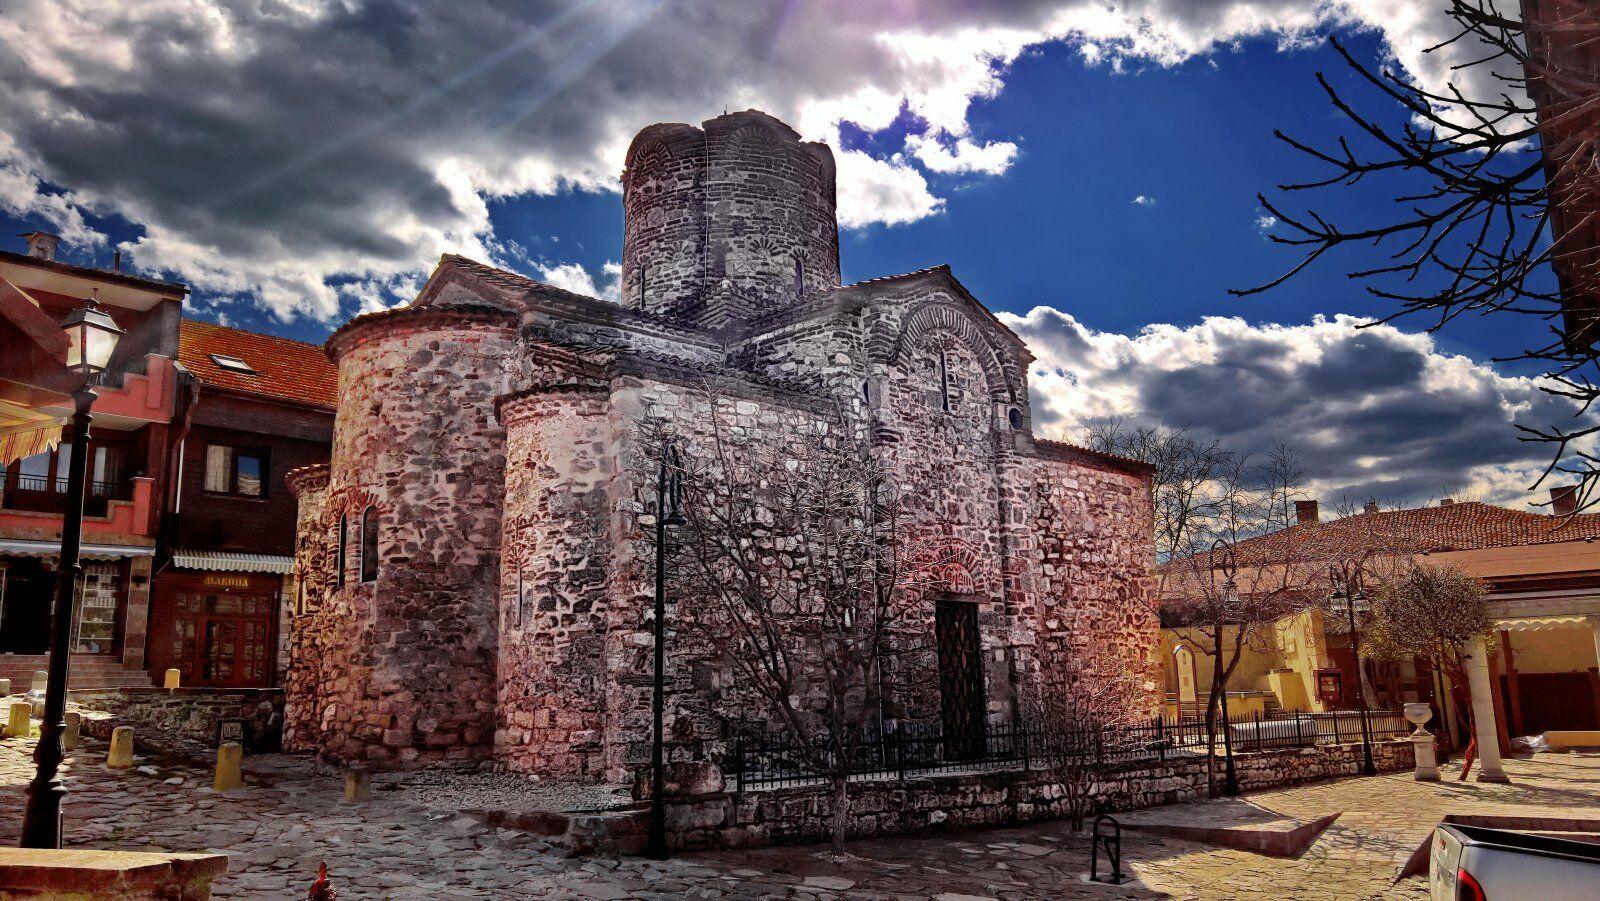 В Несебре сохранилось много руин, среди которых укрепления и бани византийской эпохи.